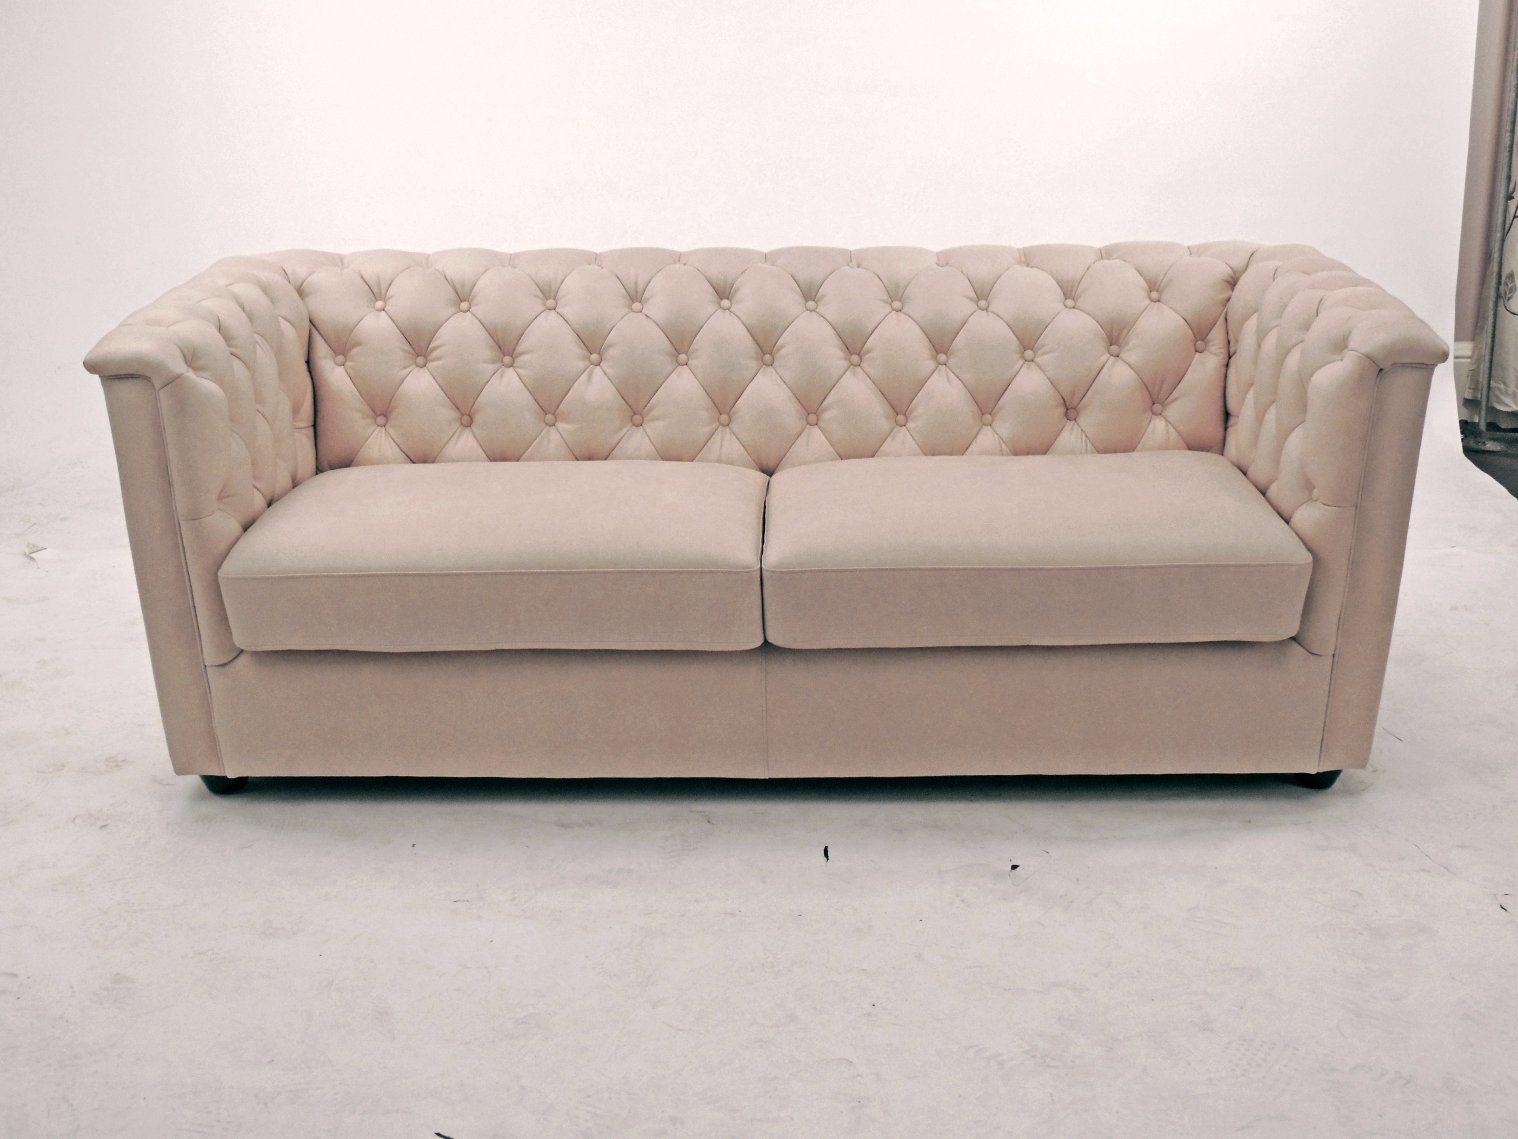 China Luxury Nubuck Leather Sofa